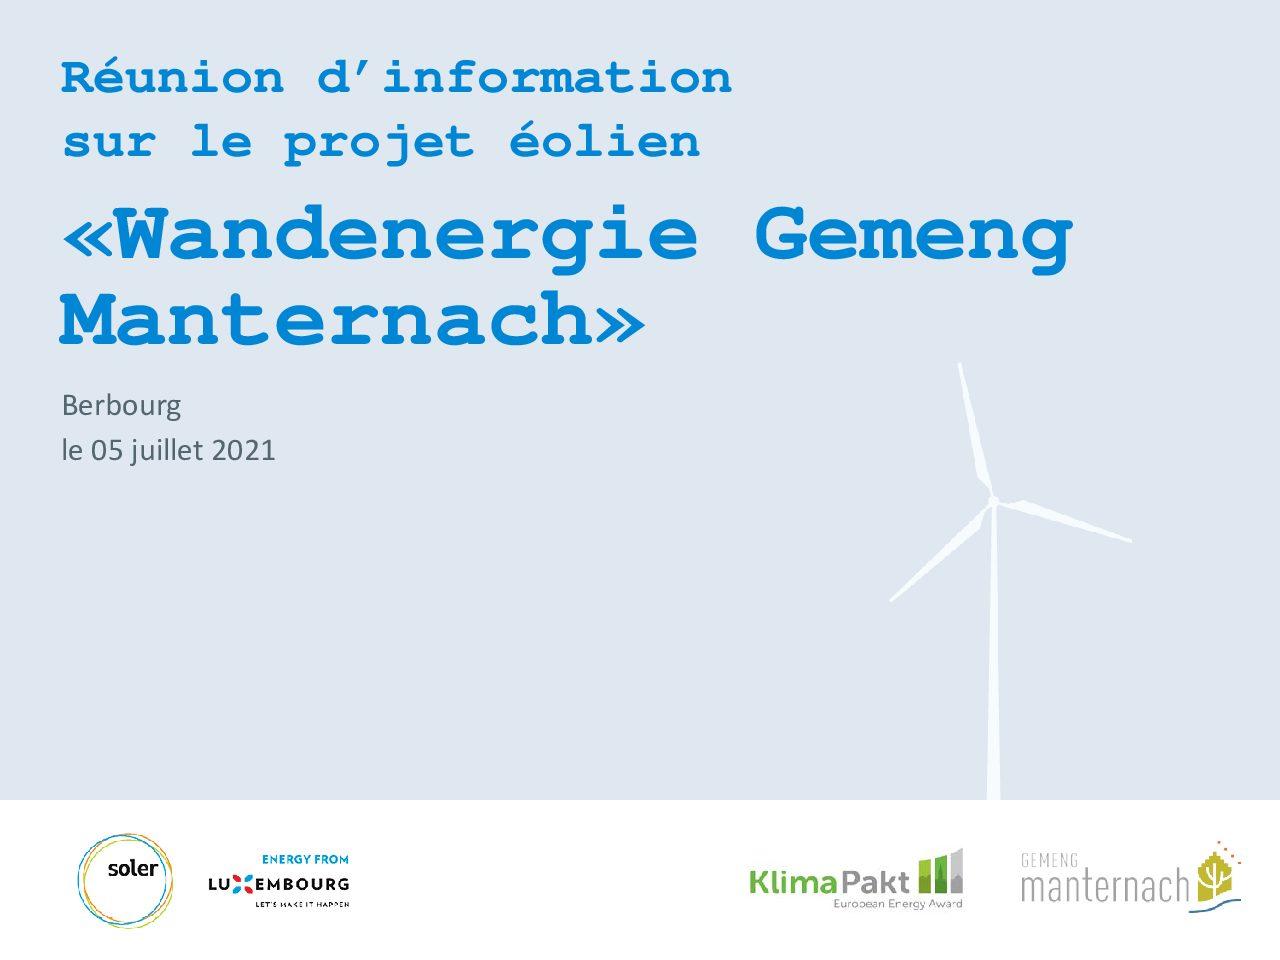 """Réunion d'information / Informatiounsversammlung """"Wandenergie Gemeng Manternach"""""""